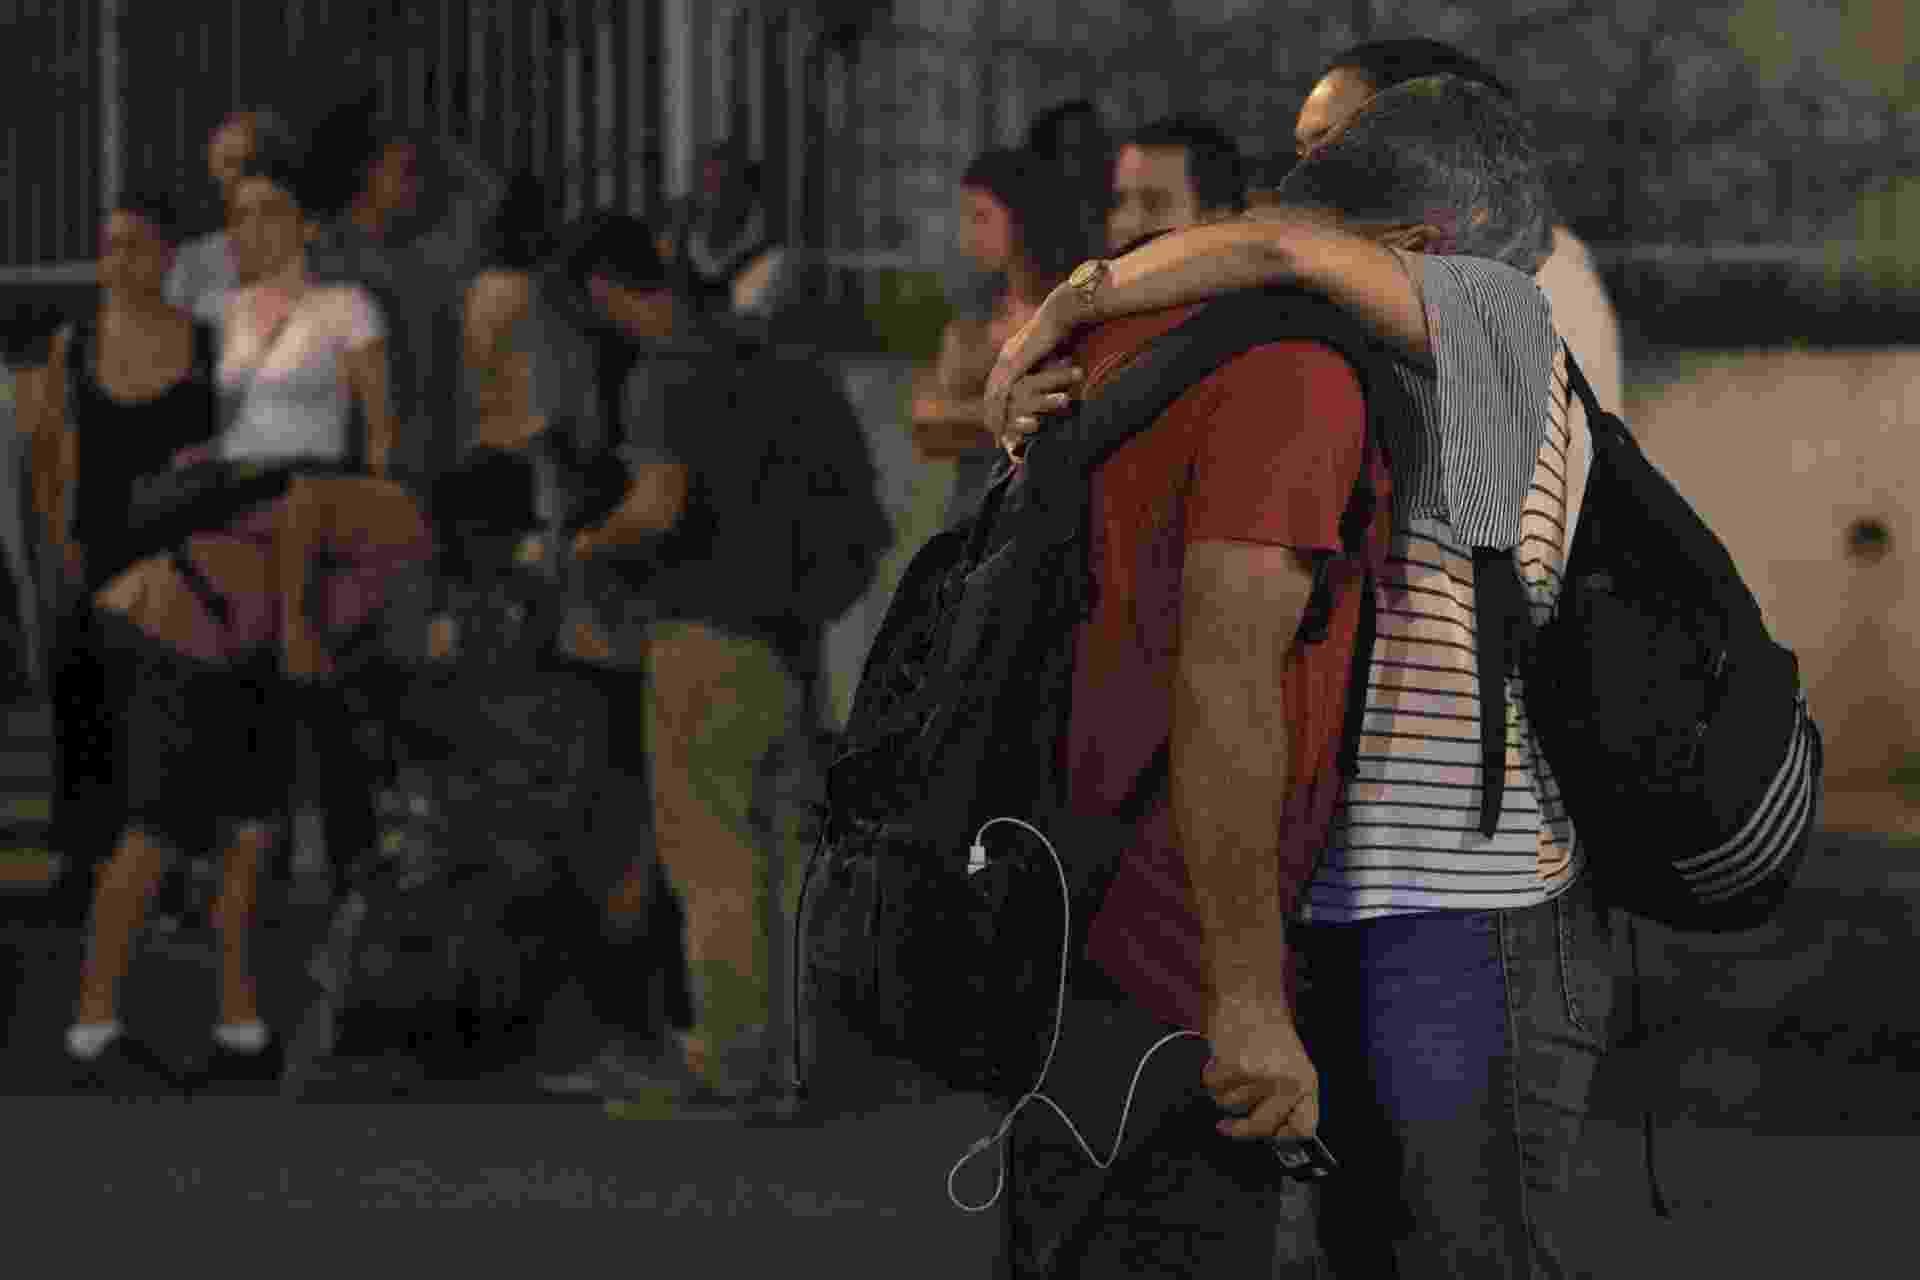 15.mar.2018 - Amigos e parentes da vereadora Marielle Franco (PSOL) se consolam no local onde a parlamentar foi assassinada a tiros no bairro do Estácio, no Rio de Janeiro, na noite da quarta-feira (14). Ela foi morta quando voltava de um evento na Lapa, centro do Rio - Mauro Pimentel/AFP